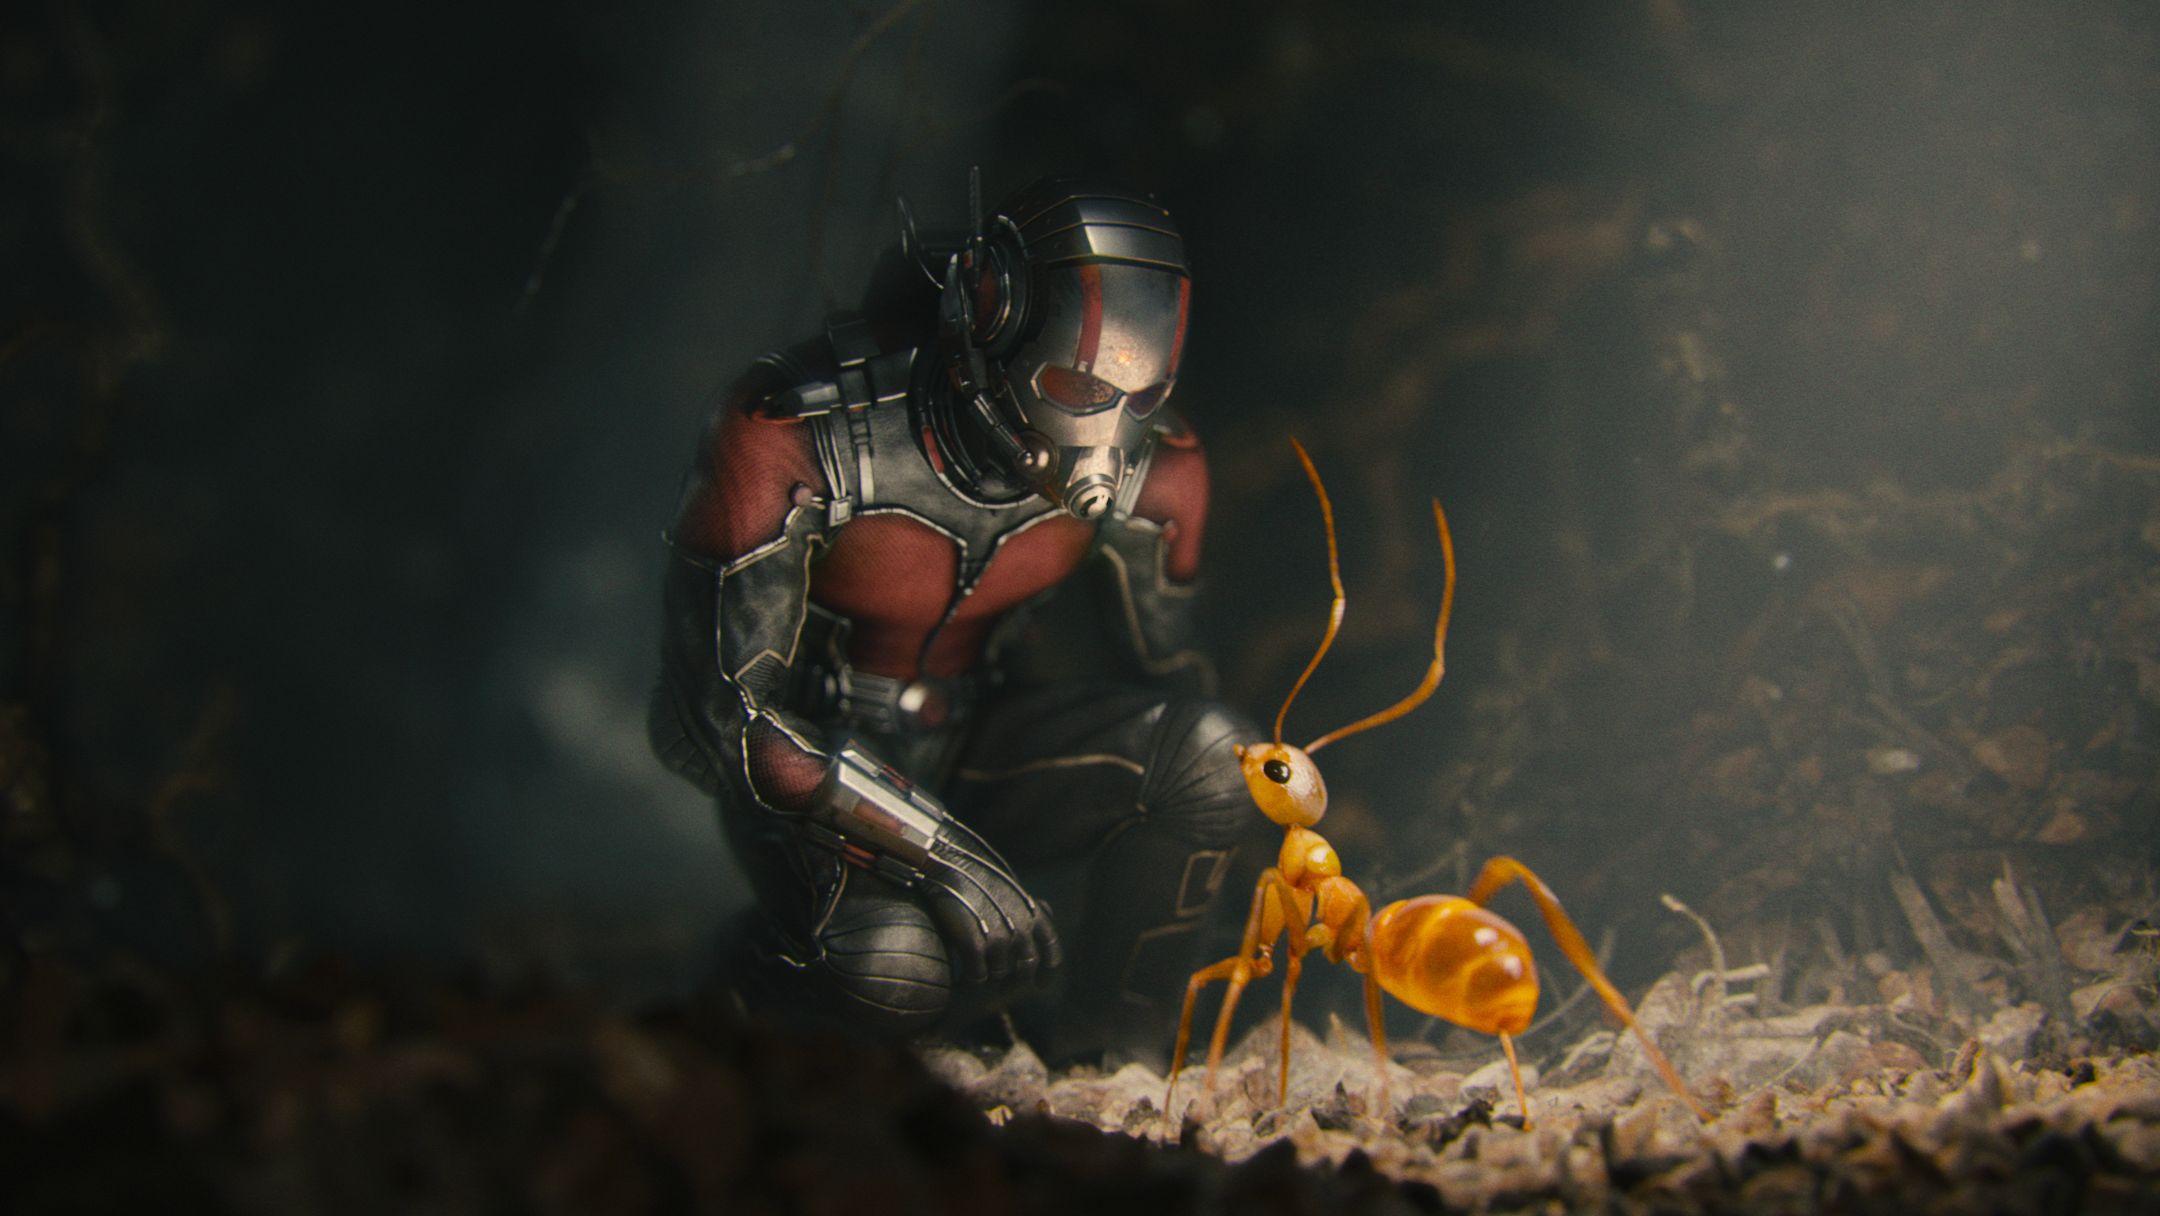 marvel-antman-paul-rudd-scott-lang51